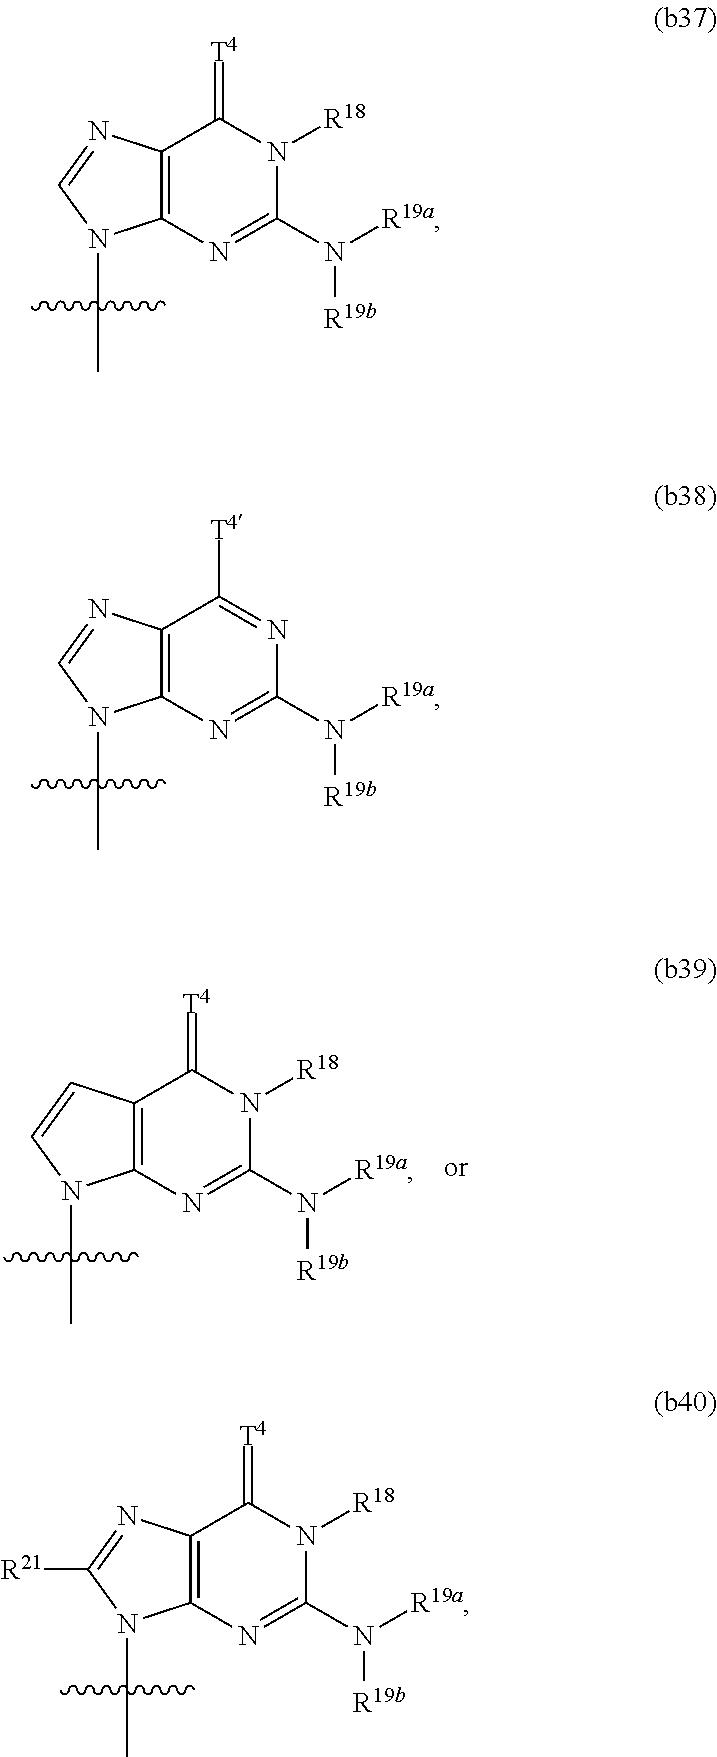 Figure US20150315541A1-20151105-C00101